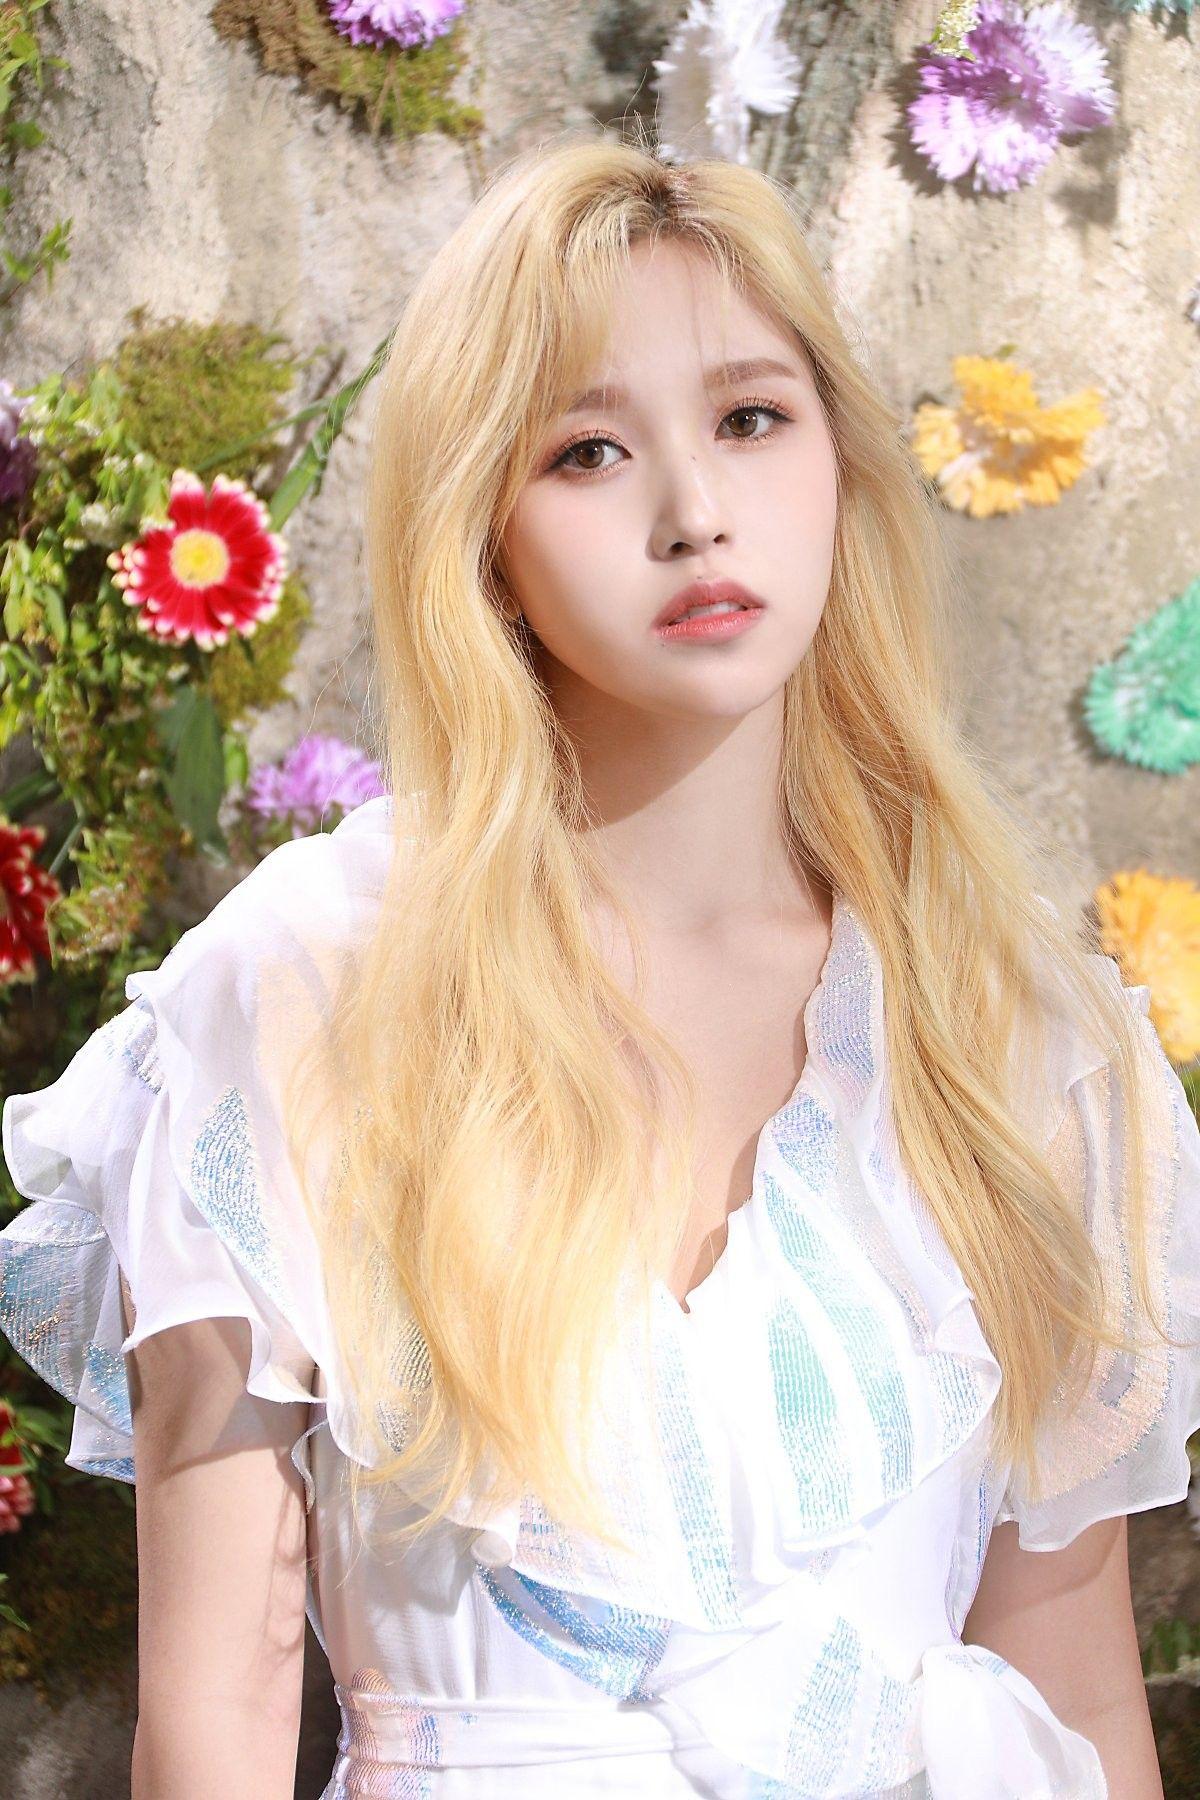 Mina mang nét đẹp thơ ngây, nhẹ nhàng như một tiểu thư danh giá. Nữ idol có làn da trắng sáng, cực hợp với việc chụp ảnh quảng cáo mỹ phẩm. Mina cũng khuoon mặt phù hợp với việc diễn xuất.